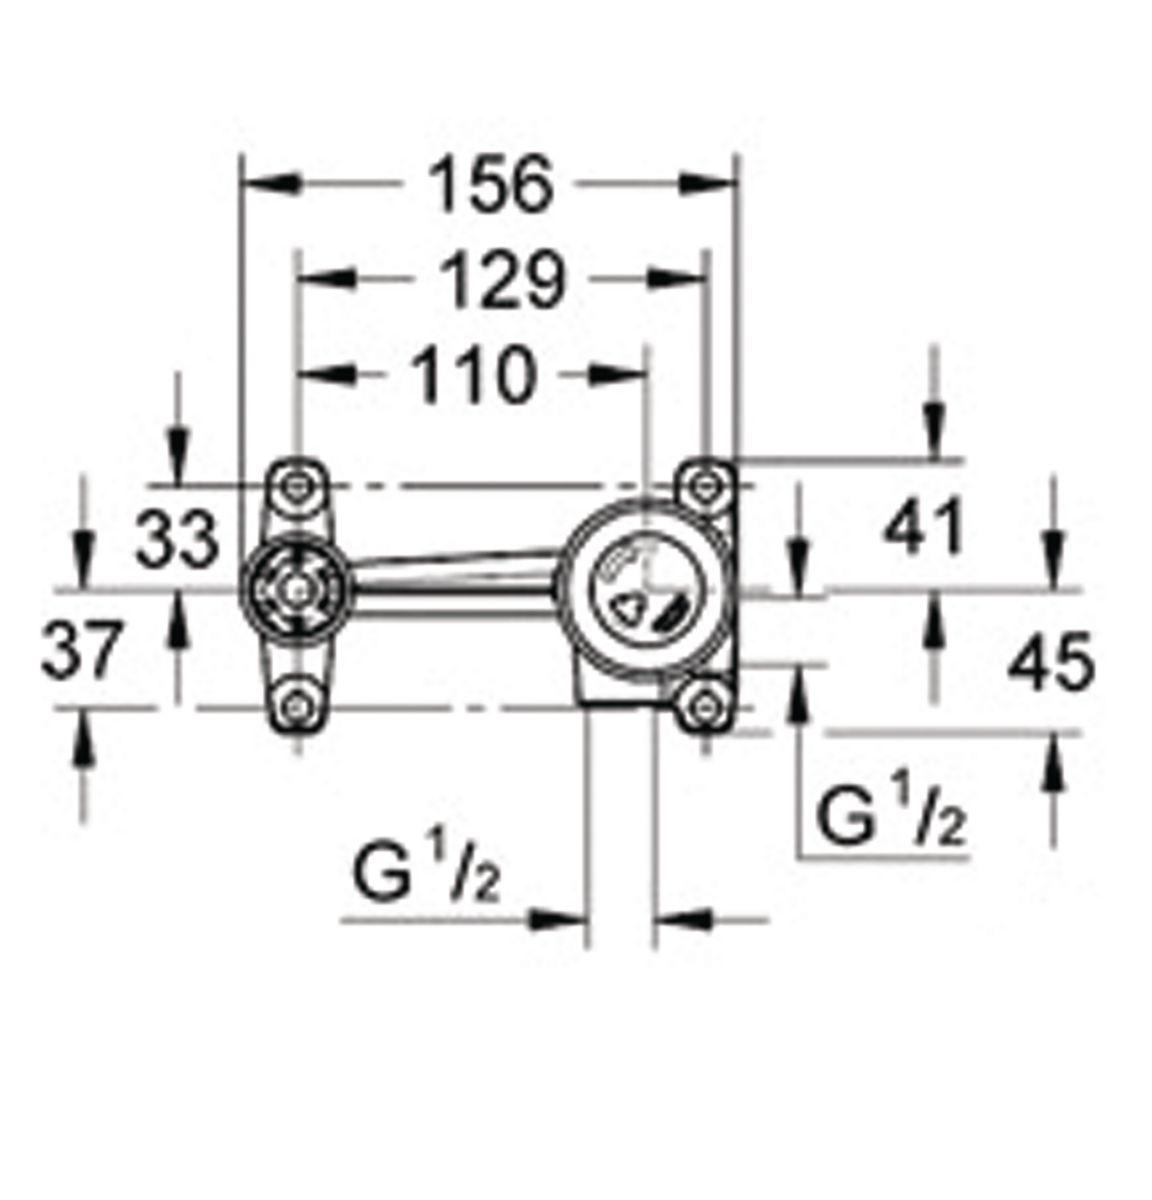 Corps encastré TENSO pour mitigeur monocommande 15 x 21, sortie latérale gauche (bec) réf. 33769000